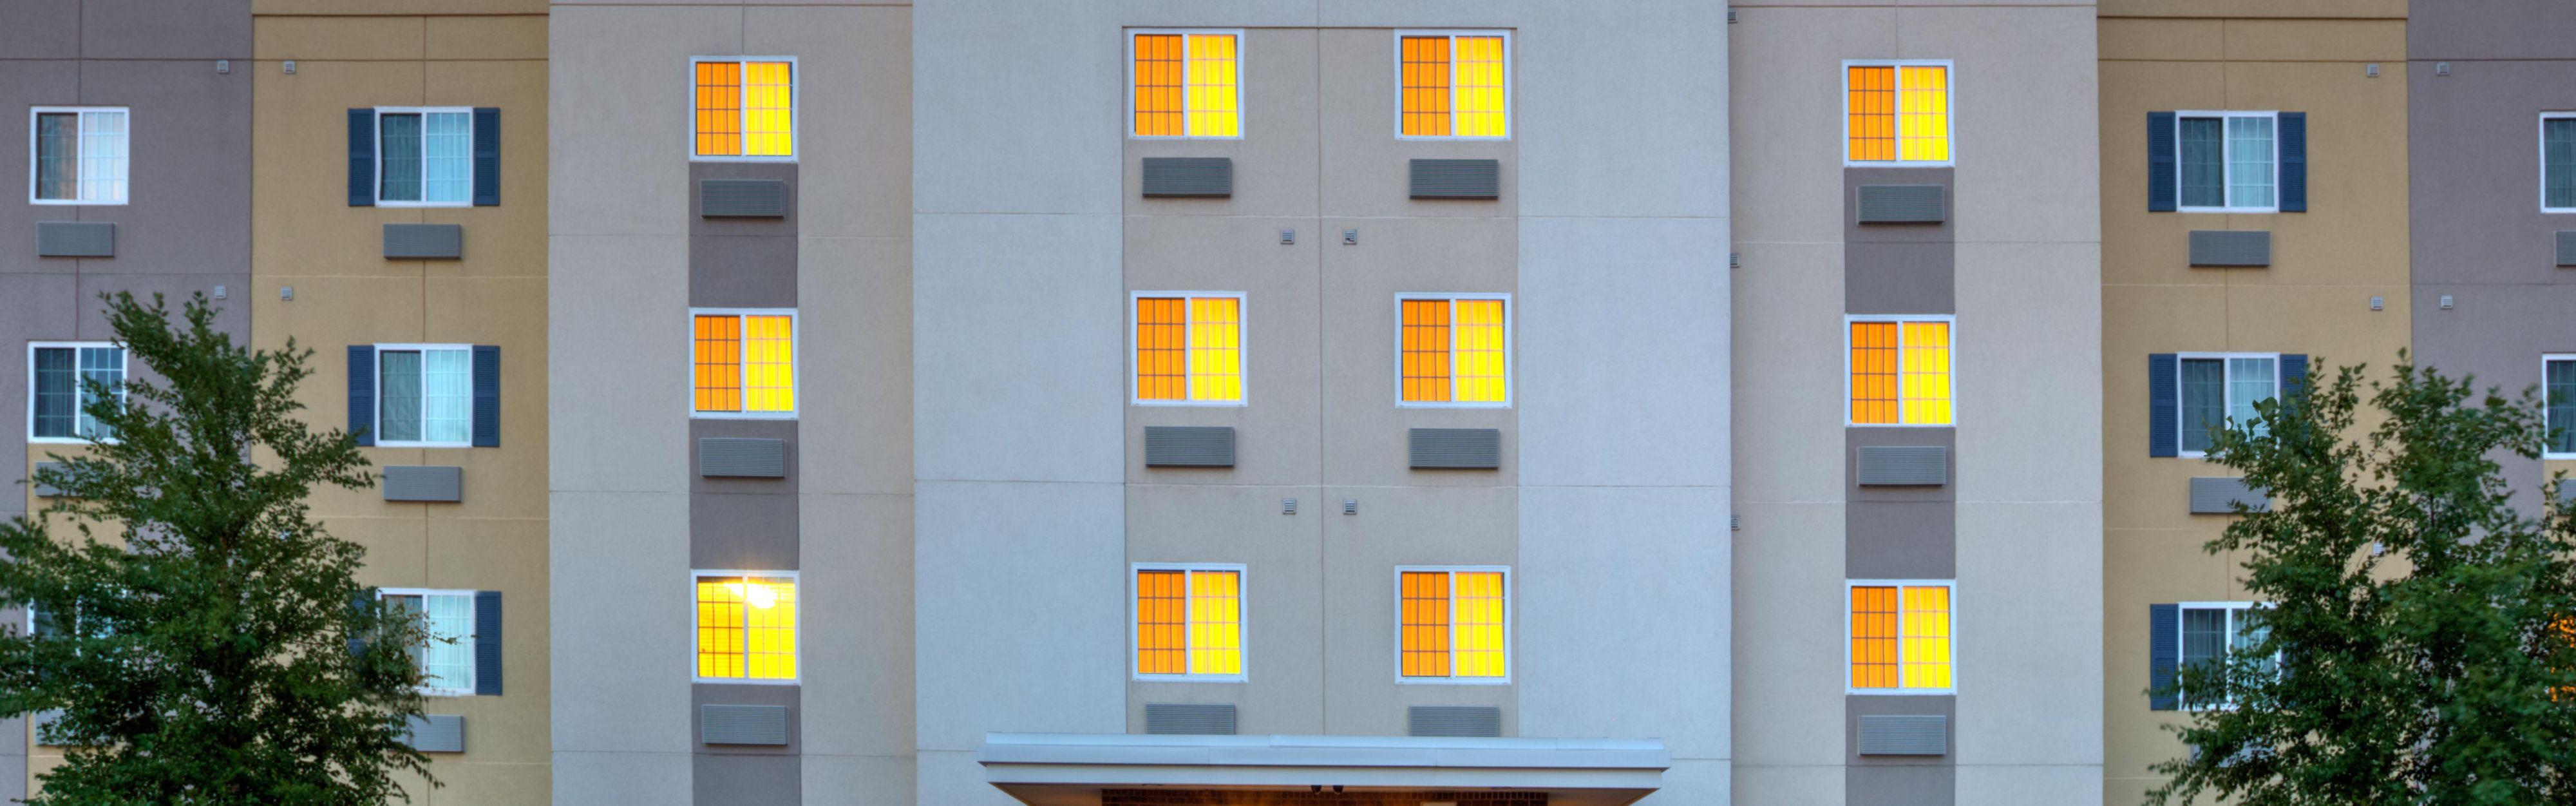 Candlewood Suites Indianapolis Northwest image 0